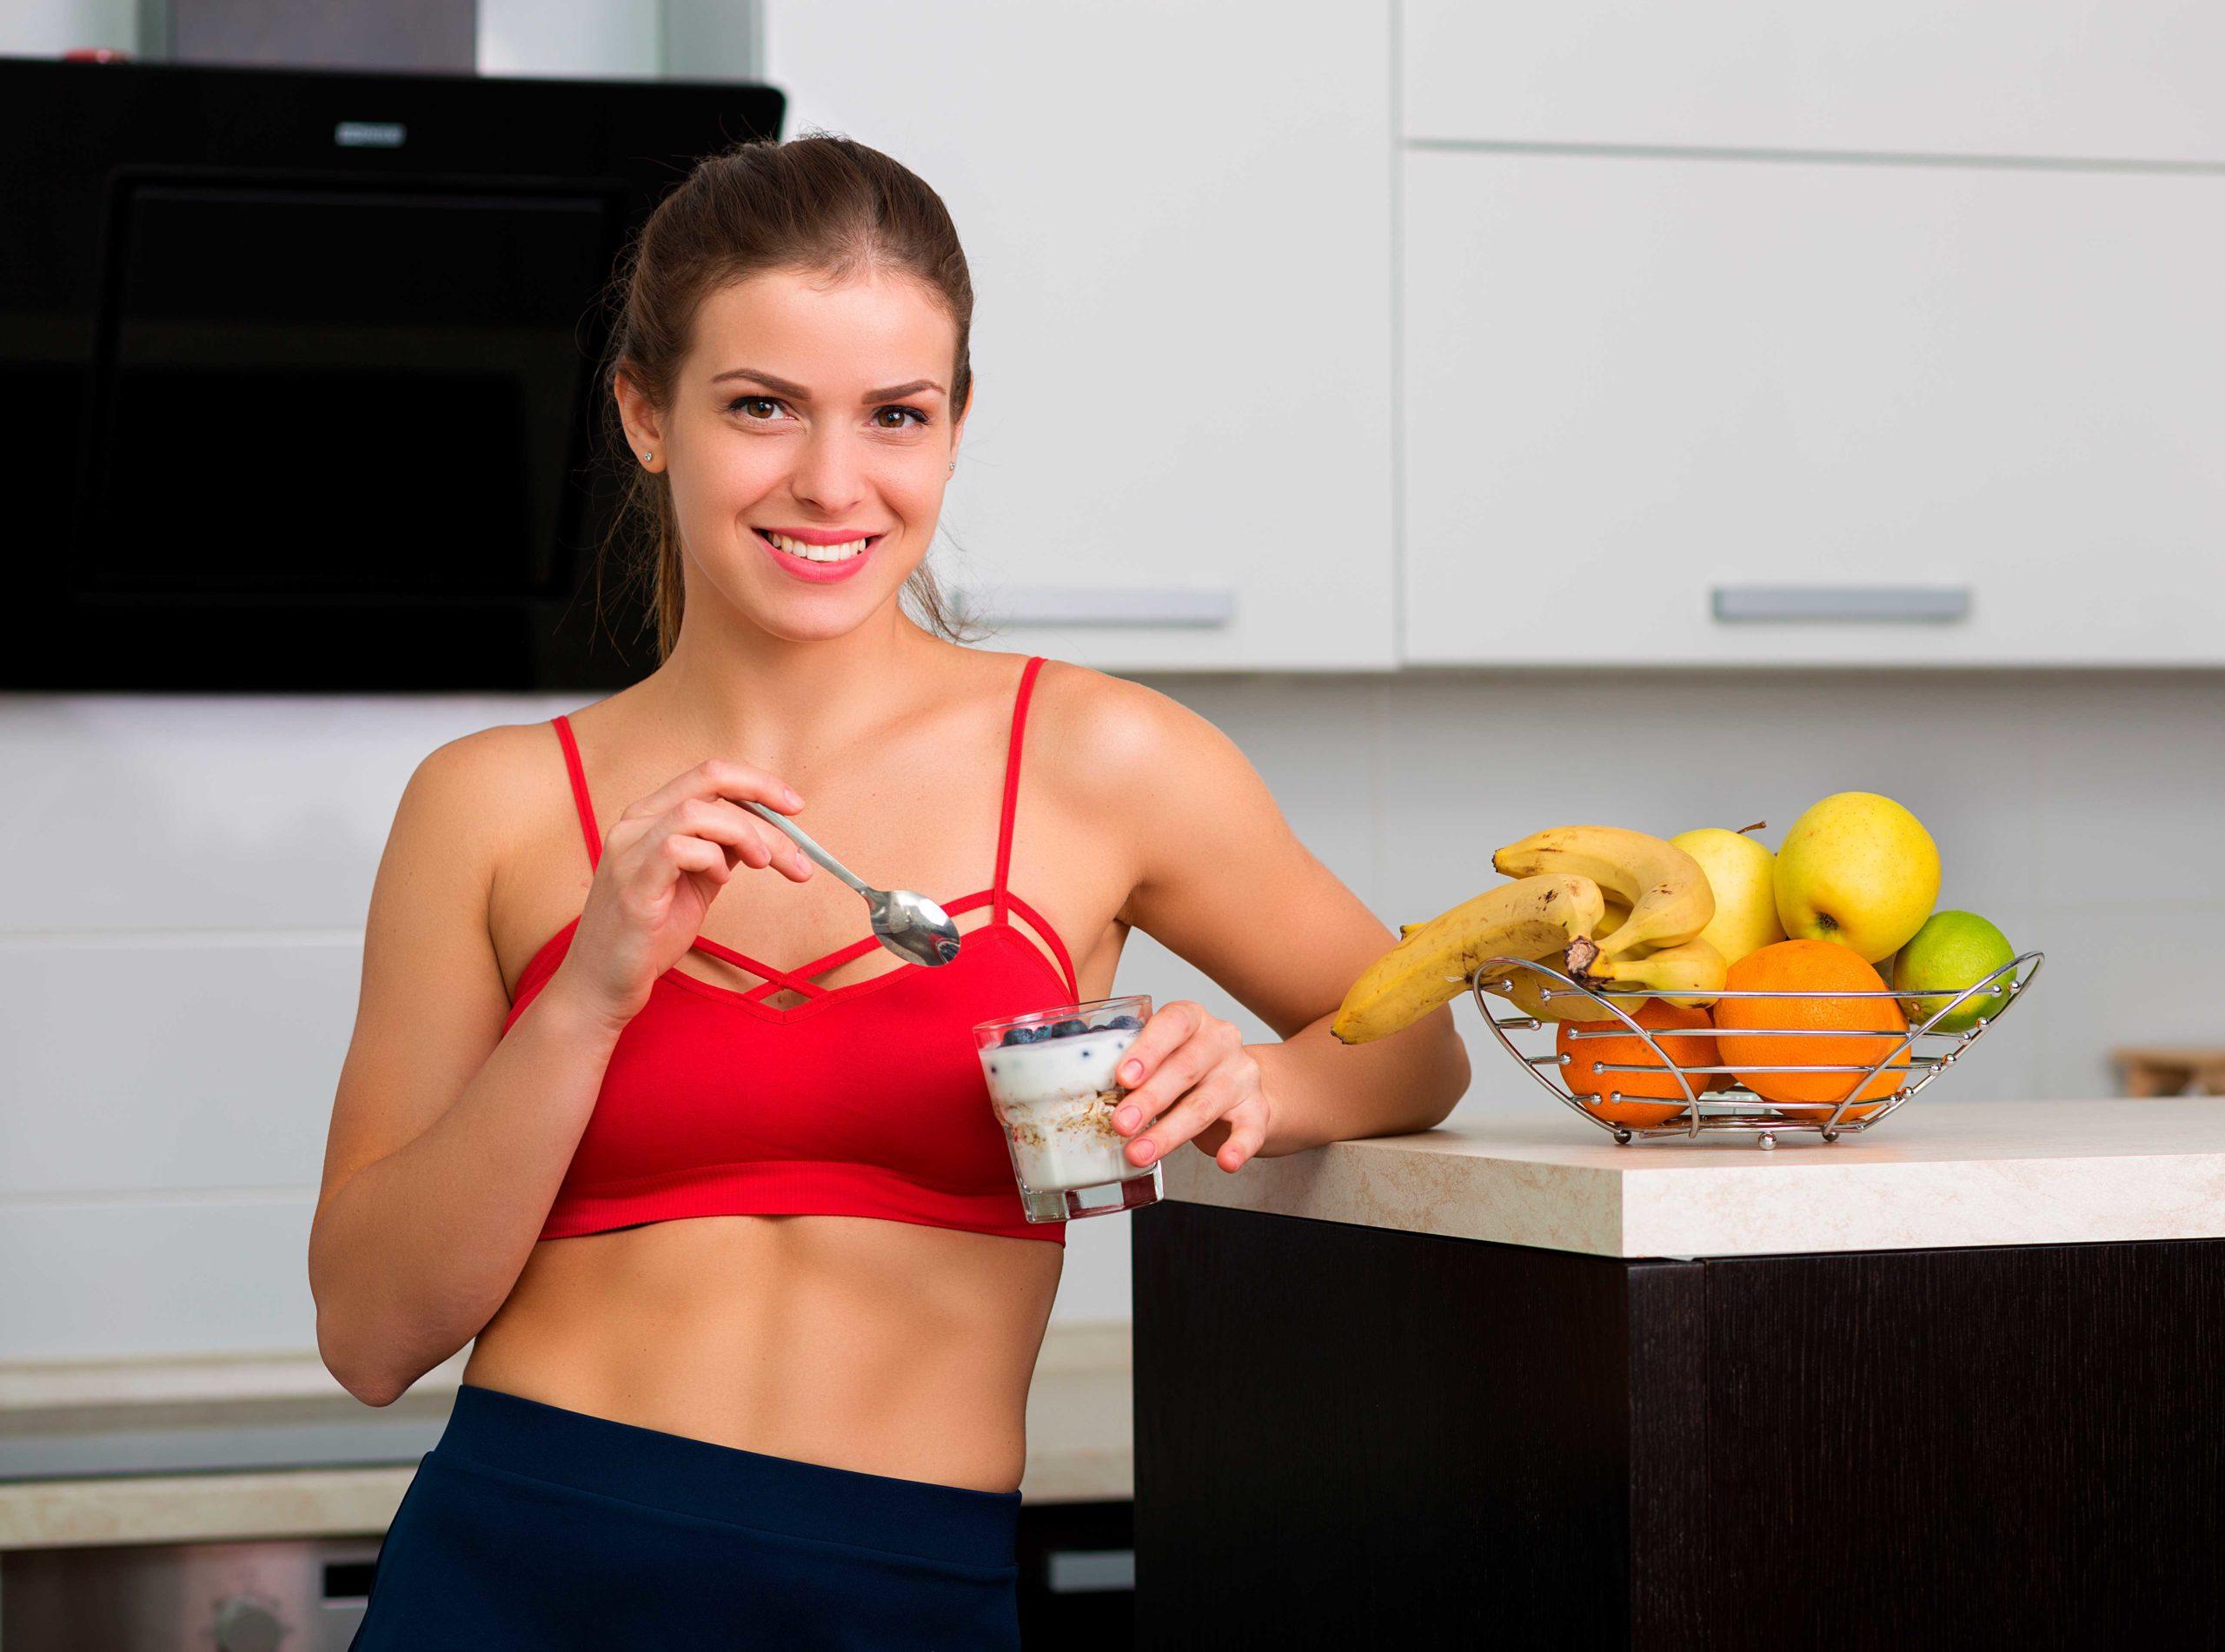 Правильное питание вместо похудения: простые советы диетолога